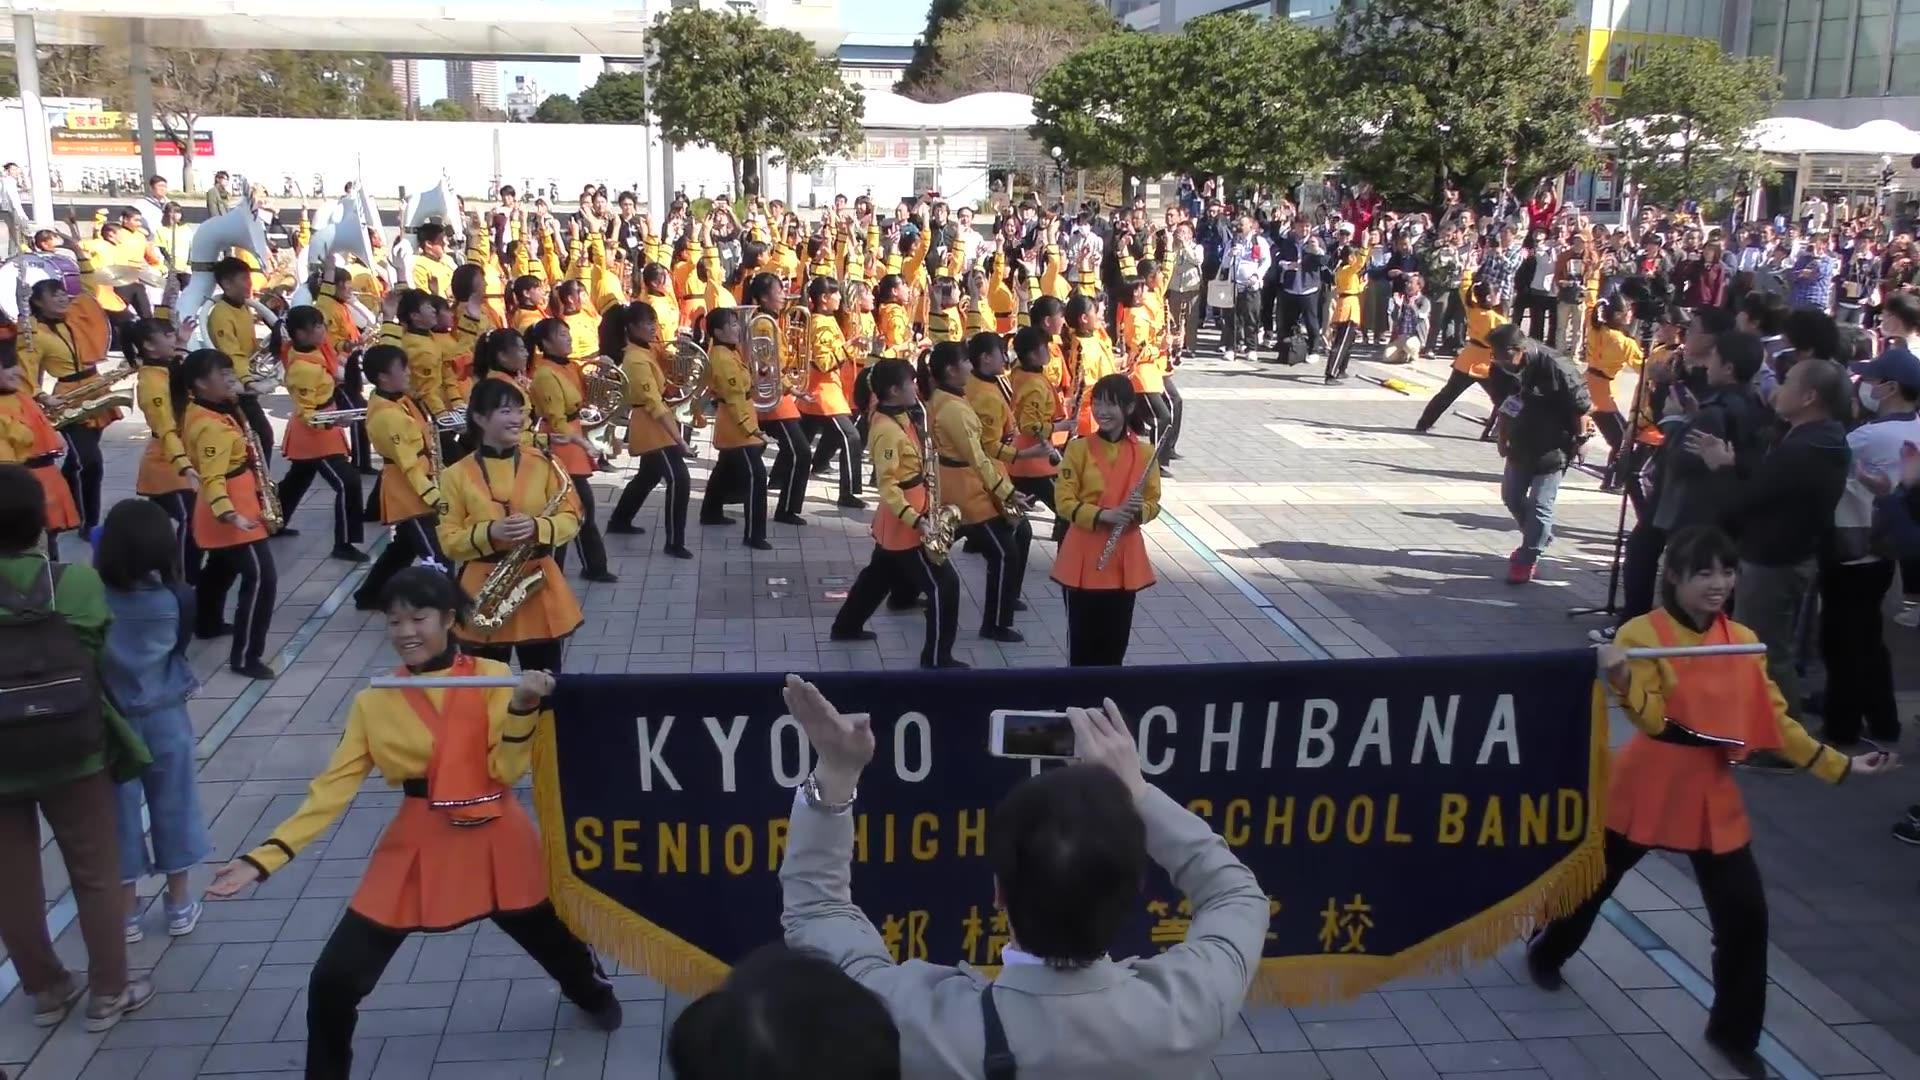 橘 高校 京都